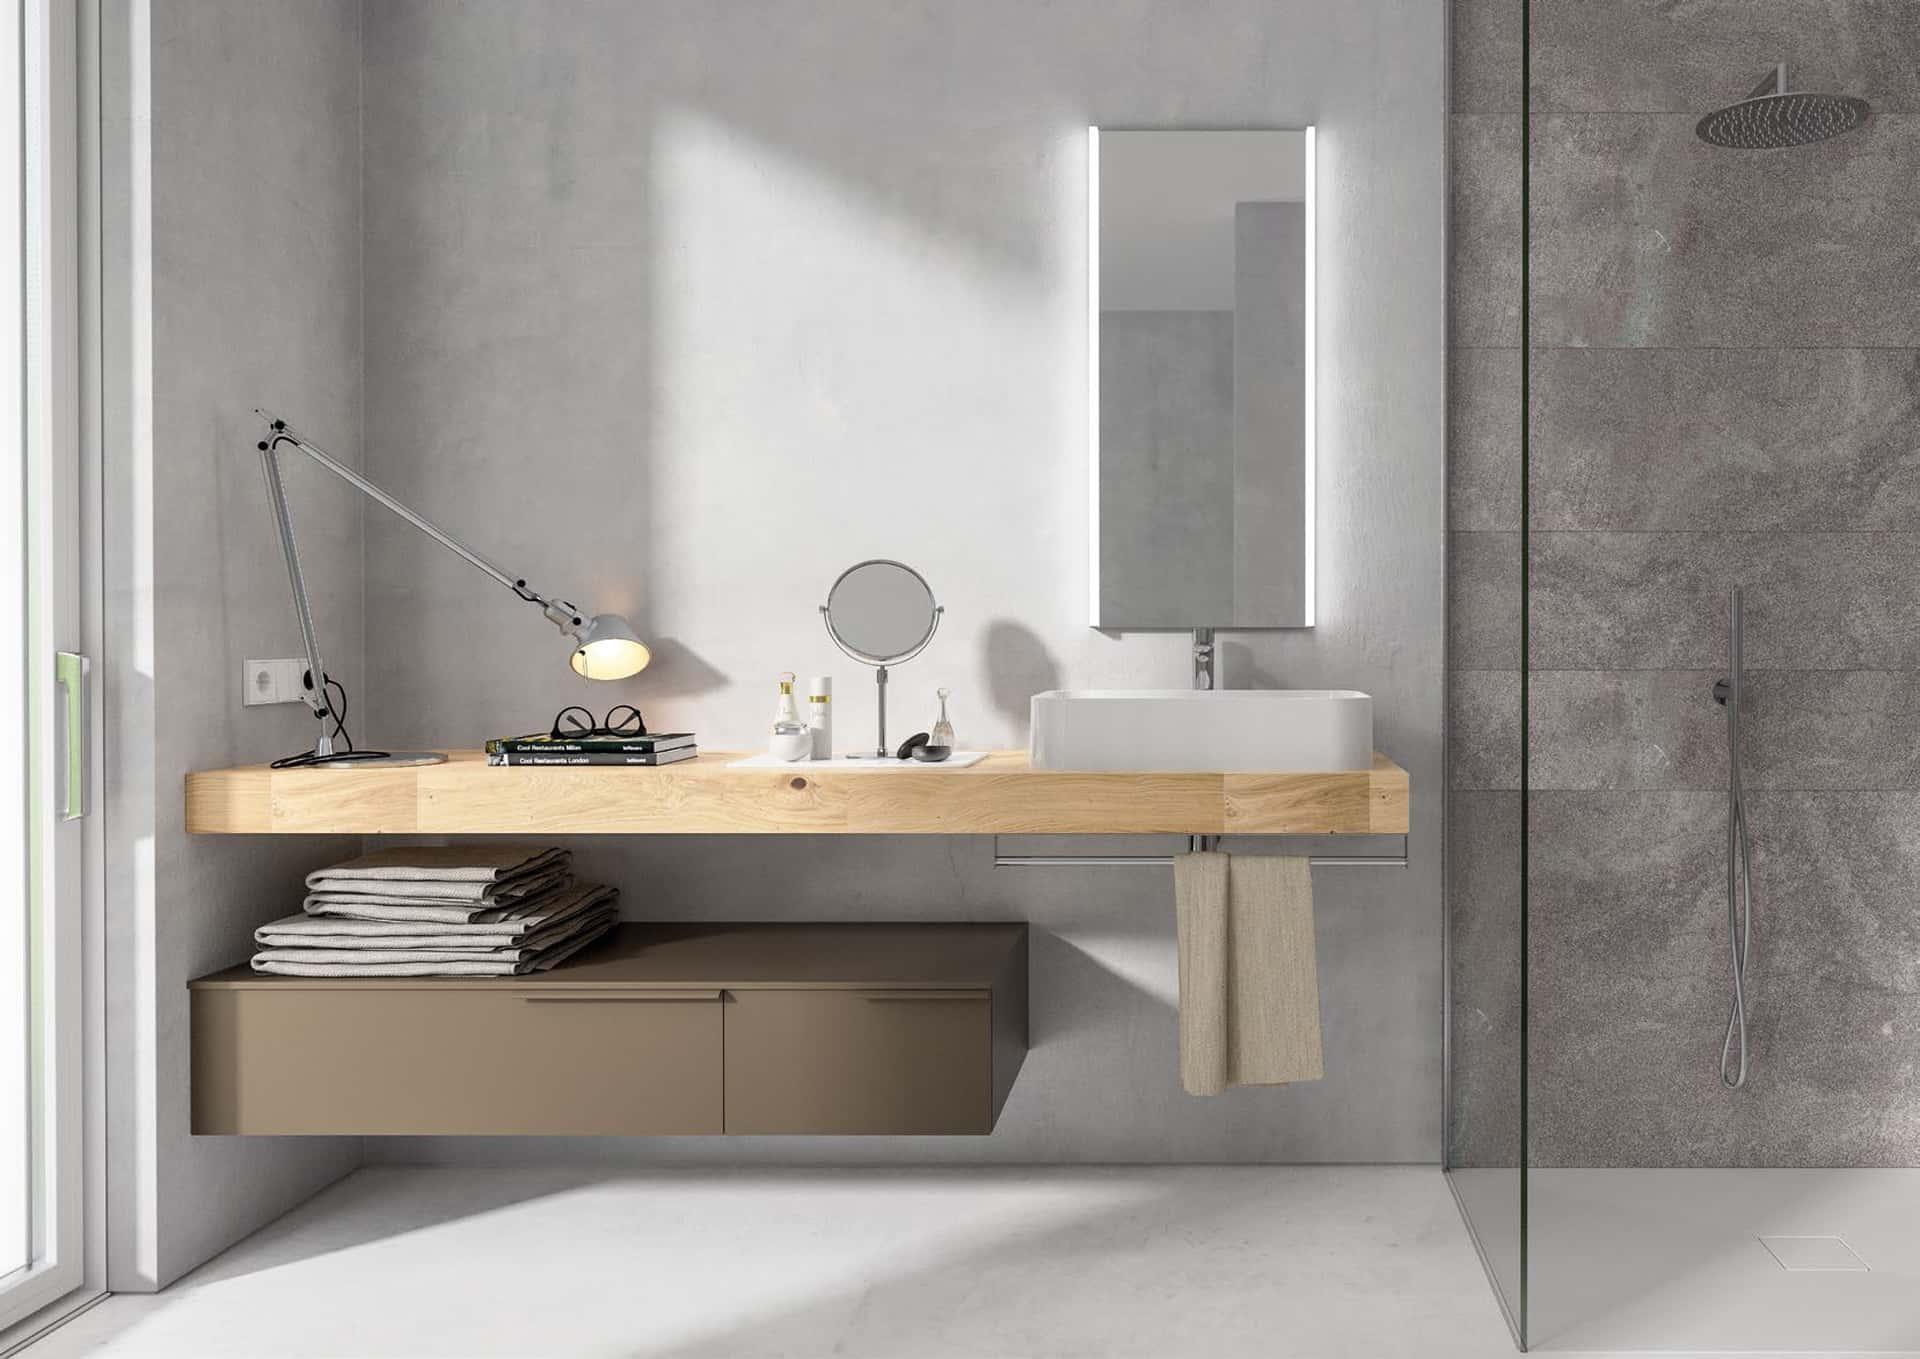 Mobili per il bagno manhattan di berloni bagno for 2 piani letto 2 bagni